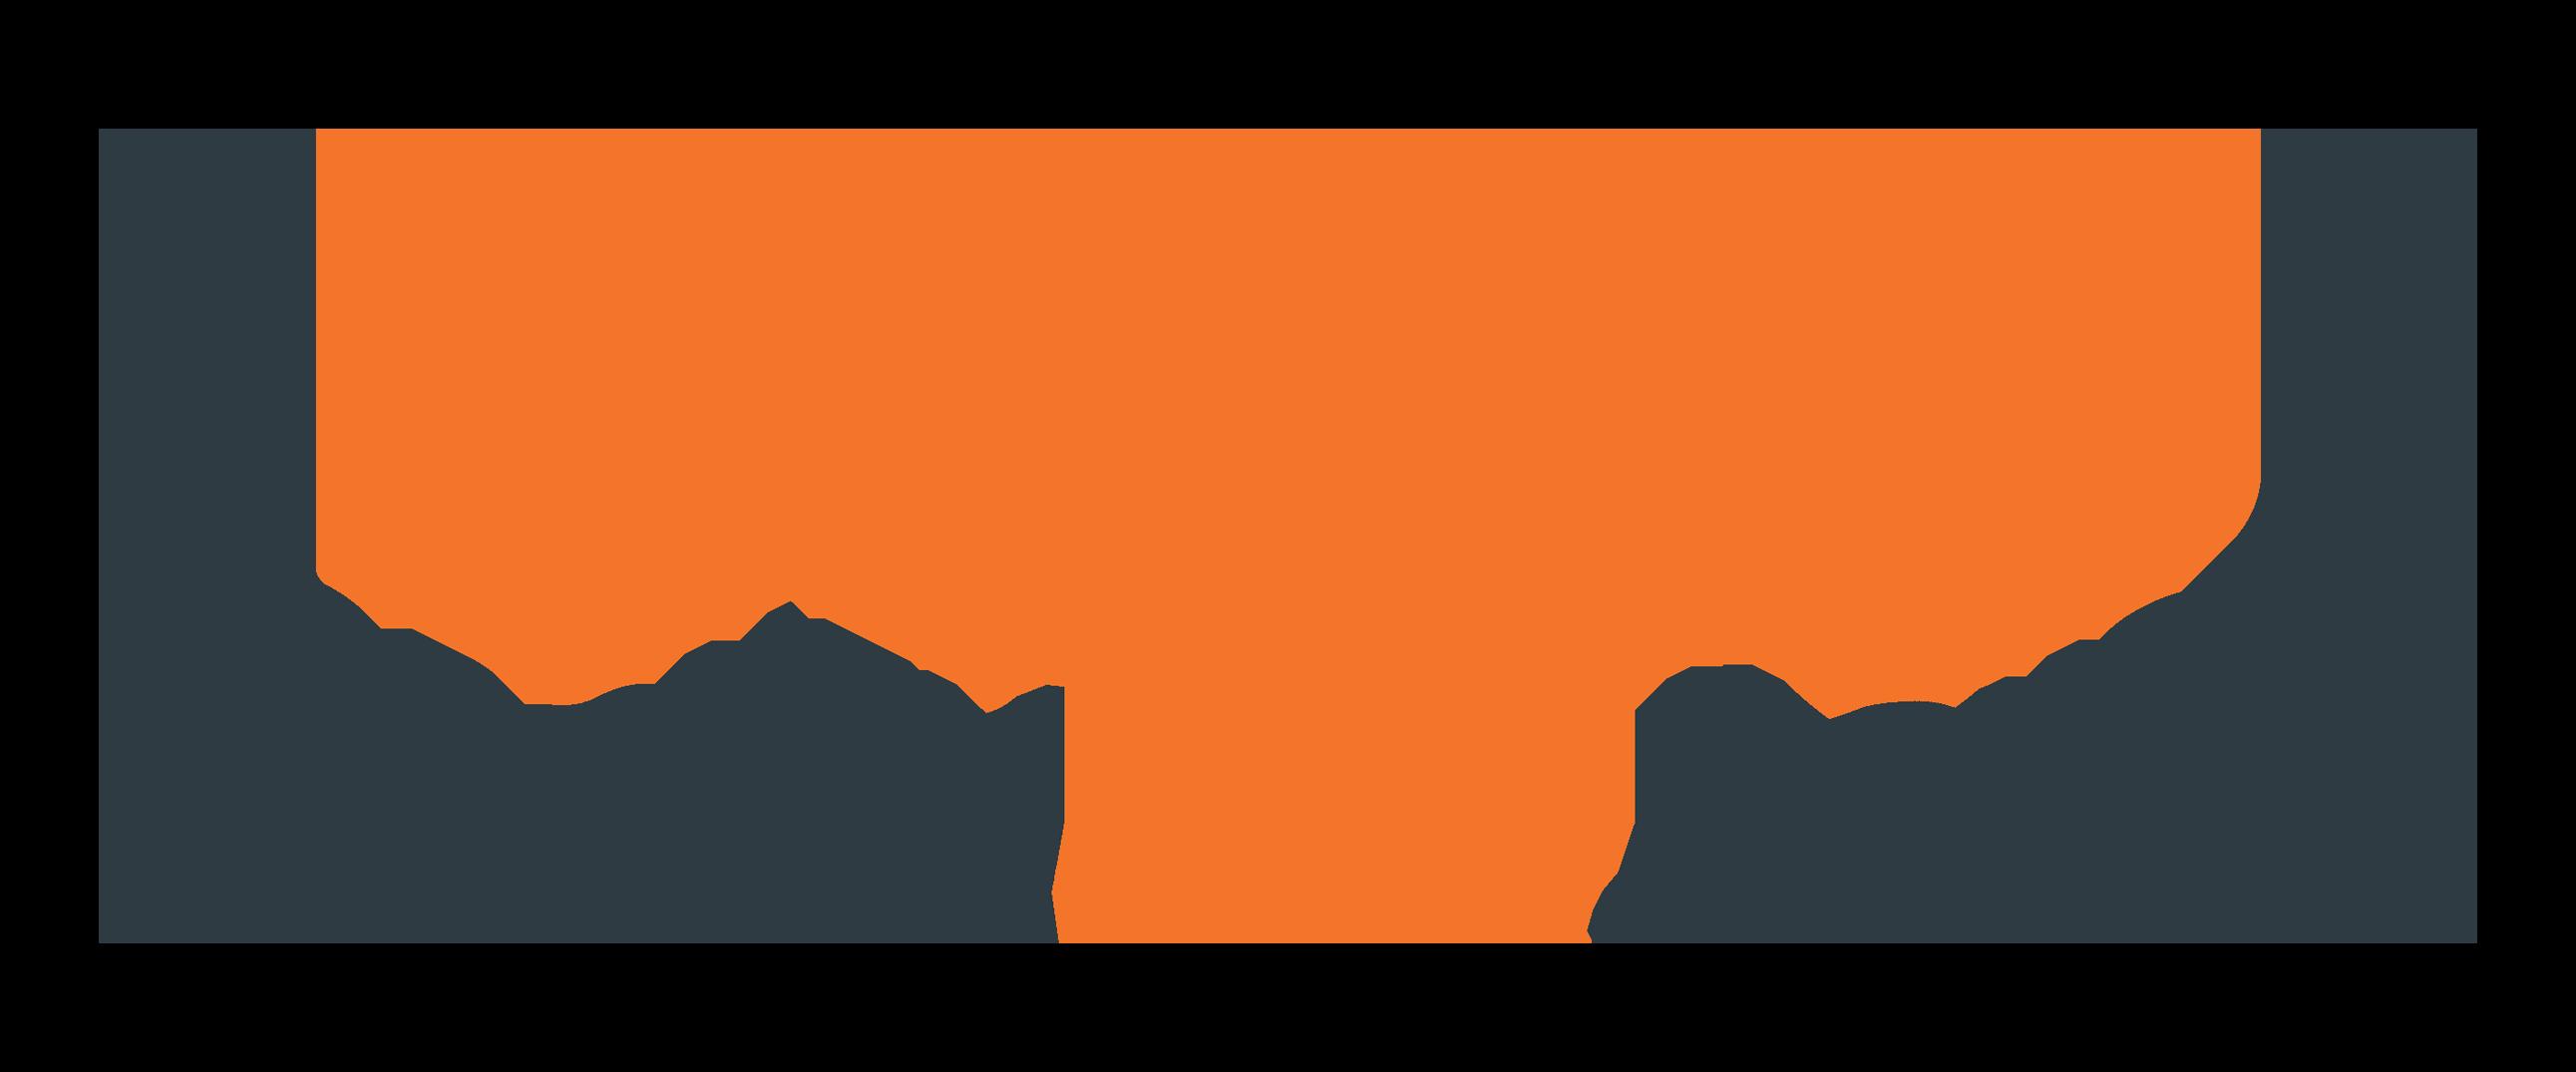 MWJ-logo